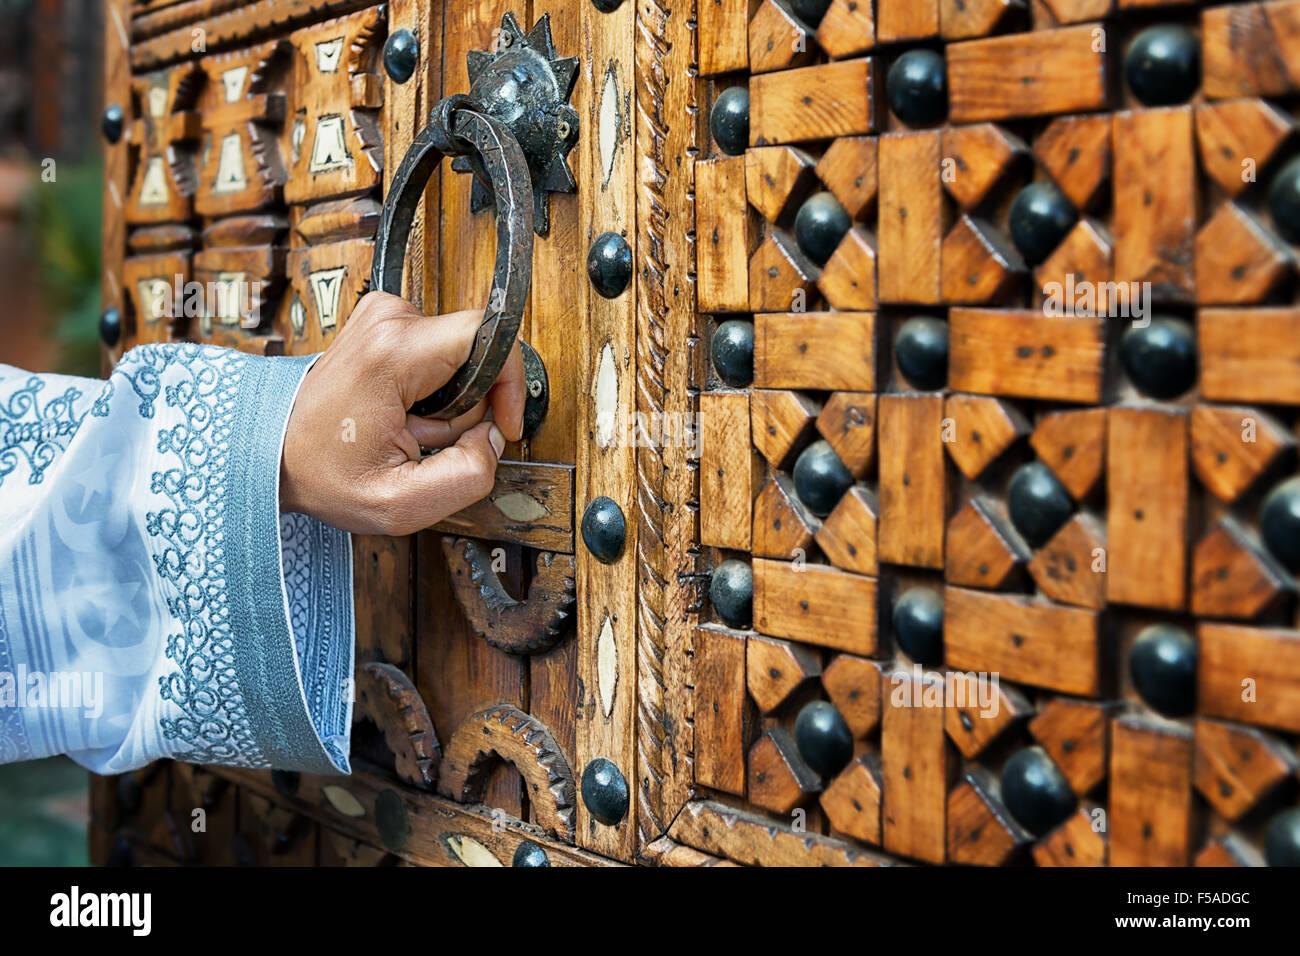 Una mano che tiene la maniglia di una porta di un tradizionale in legno porta marocchina, nel sud del Marocco. Immagini Stock